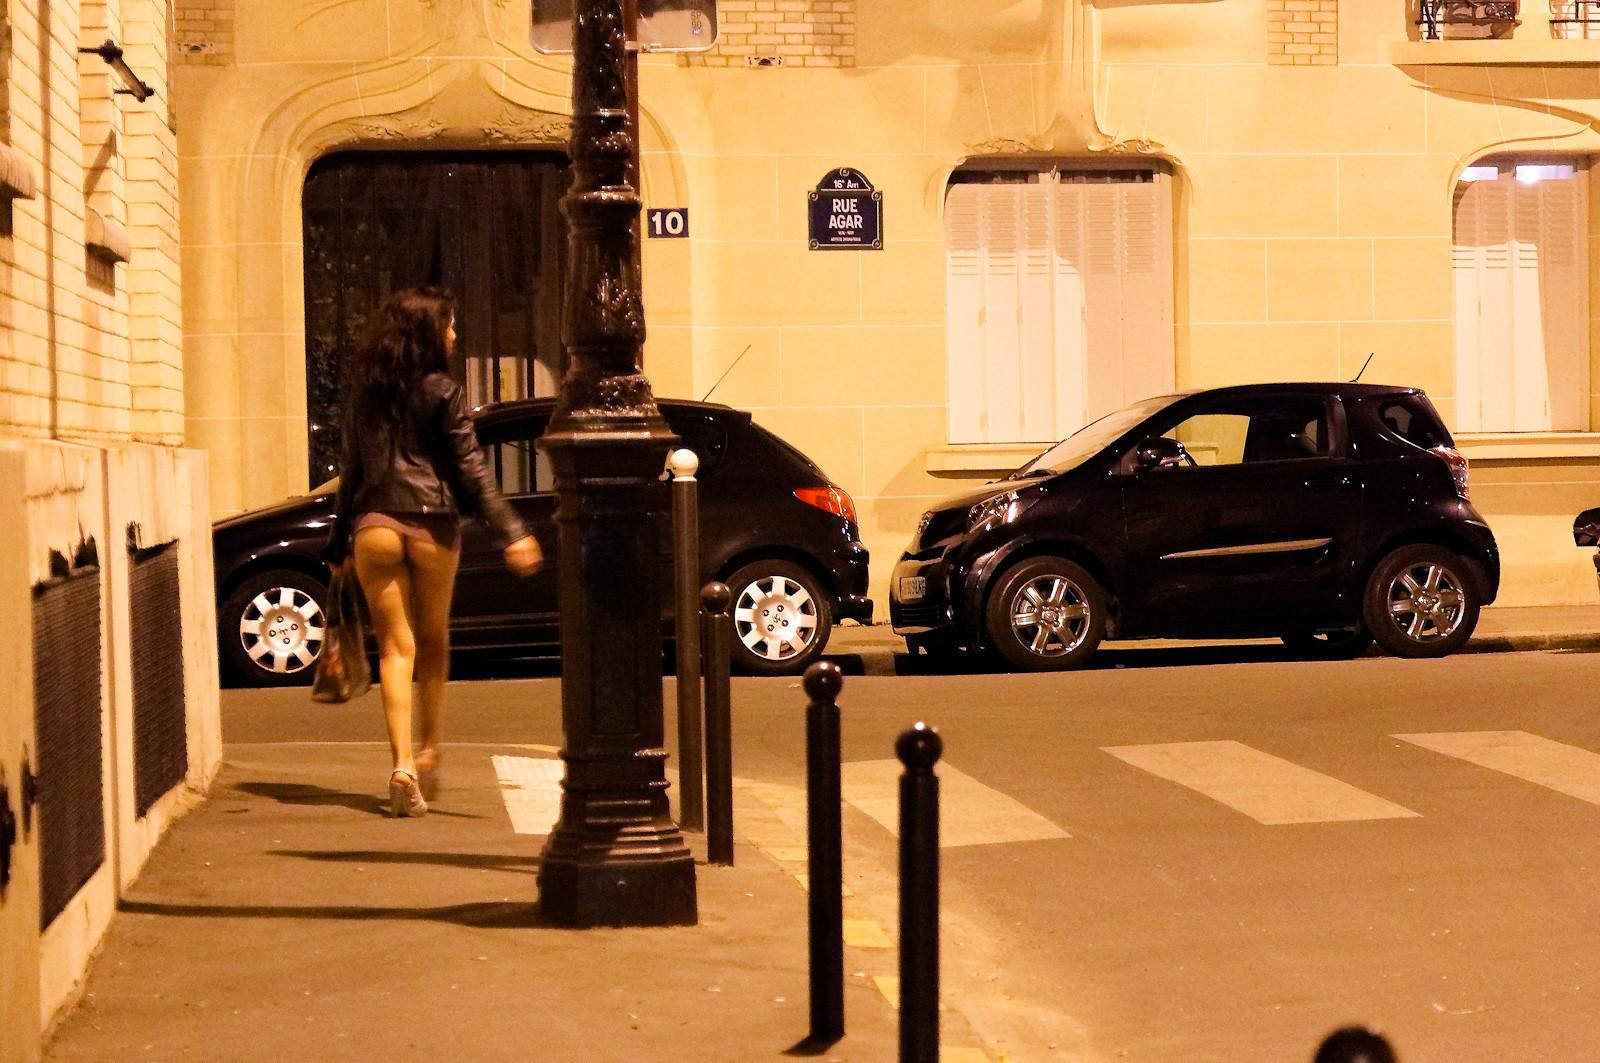 Фото шлюх на улицах, Снял на улице проститутку порно фото бесплатно на 17 фотография